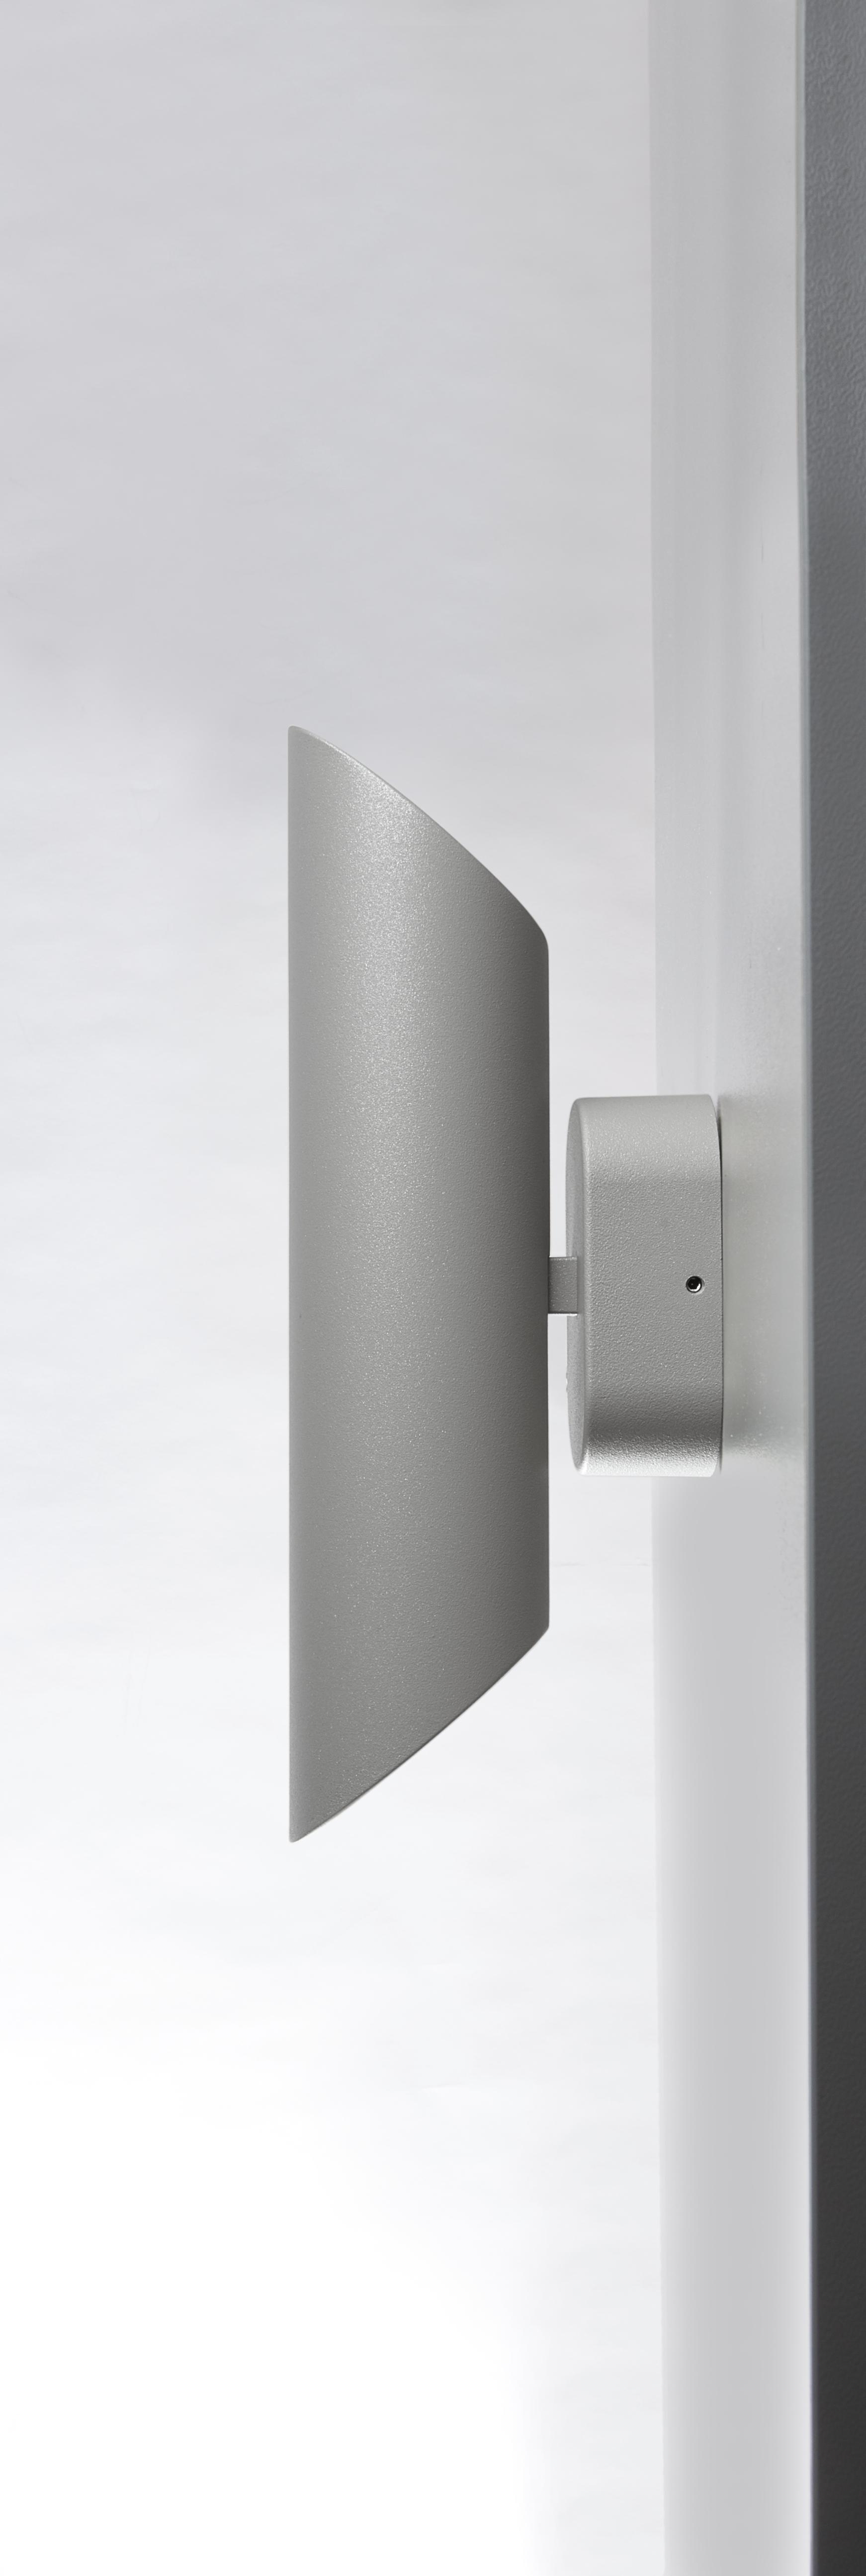 Wandleuchte CAPRI silber GU10, LED max. 2x7 W